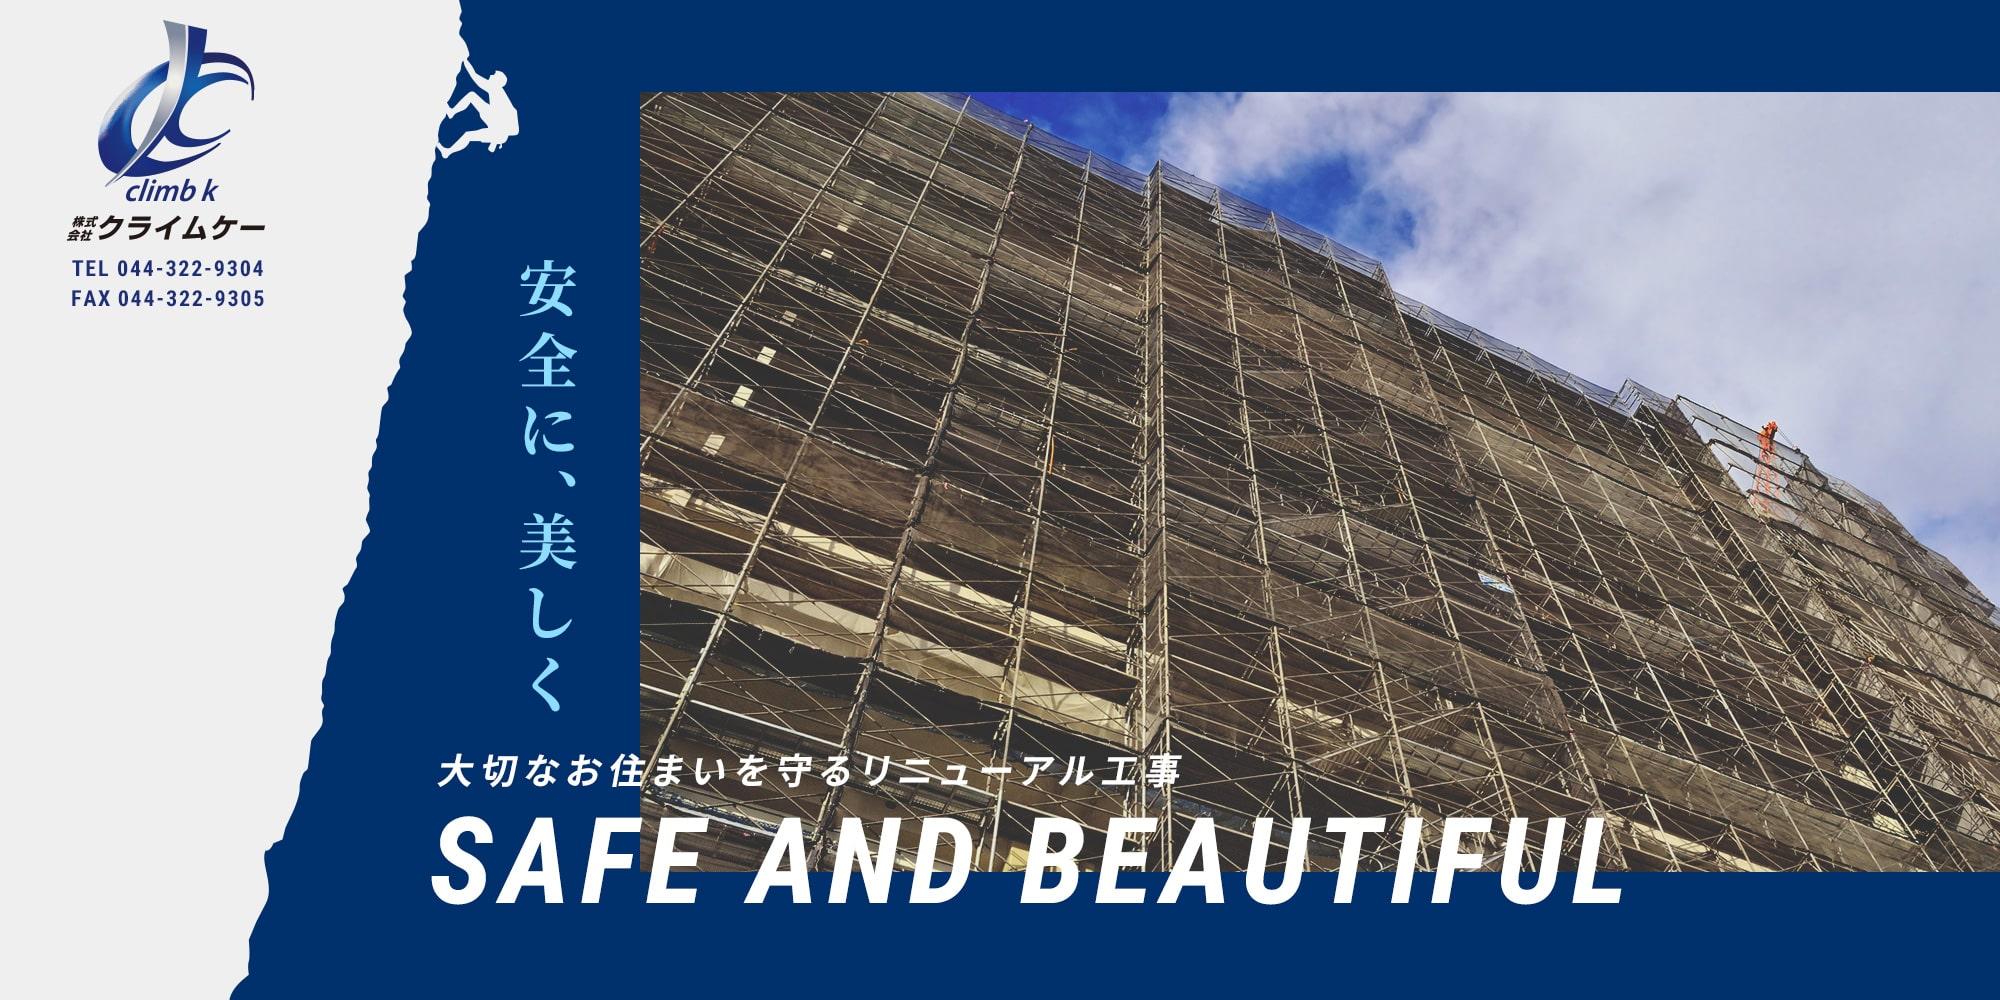 安全に、美しく 大切な住まいを守るリニューアル工事